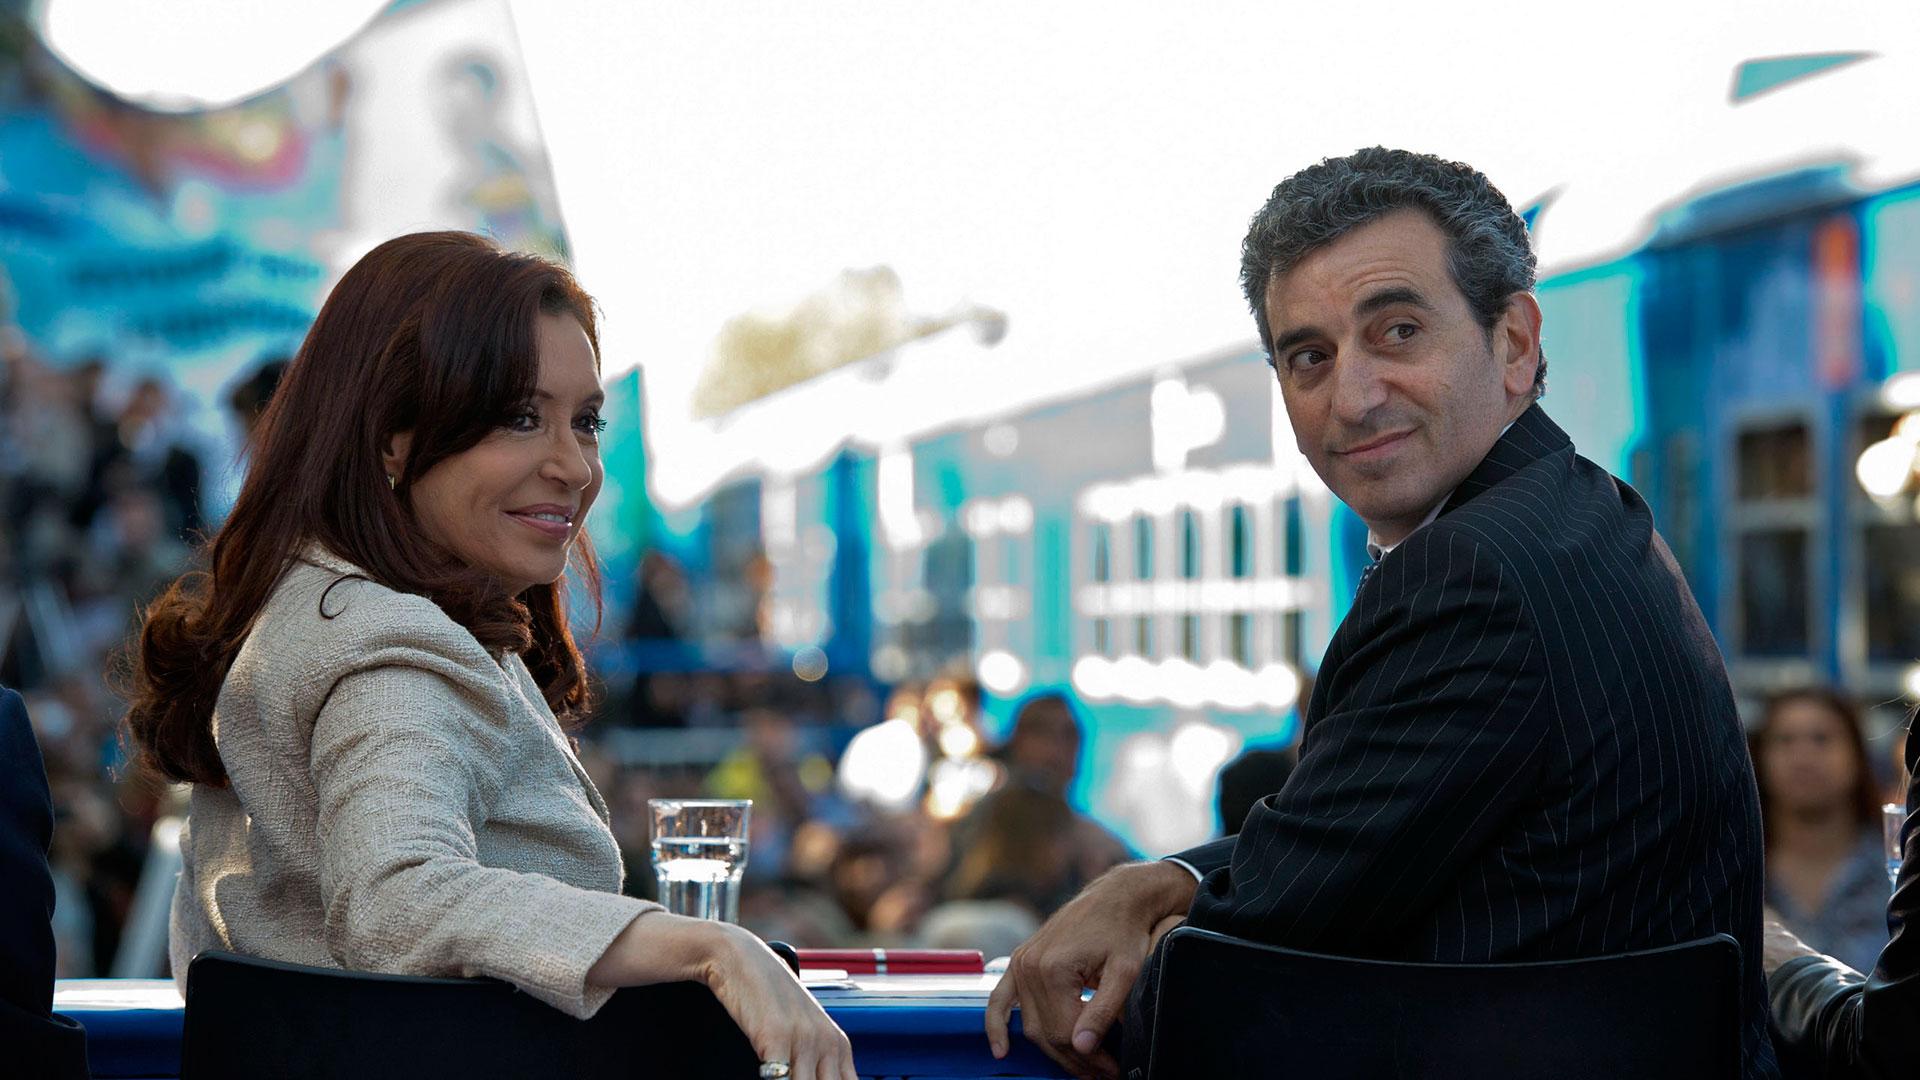 Cristina y Randazzo calientan la interna del PJ en la etapa preelectoral (NA)